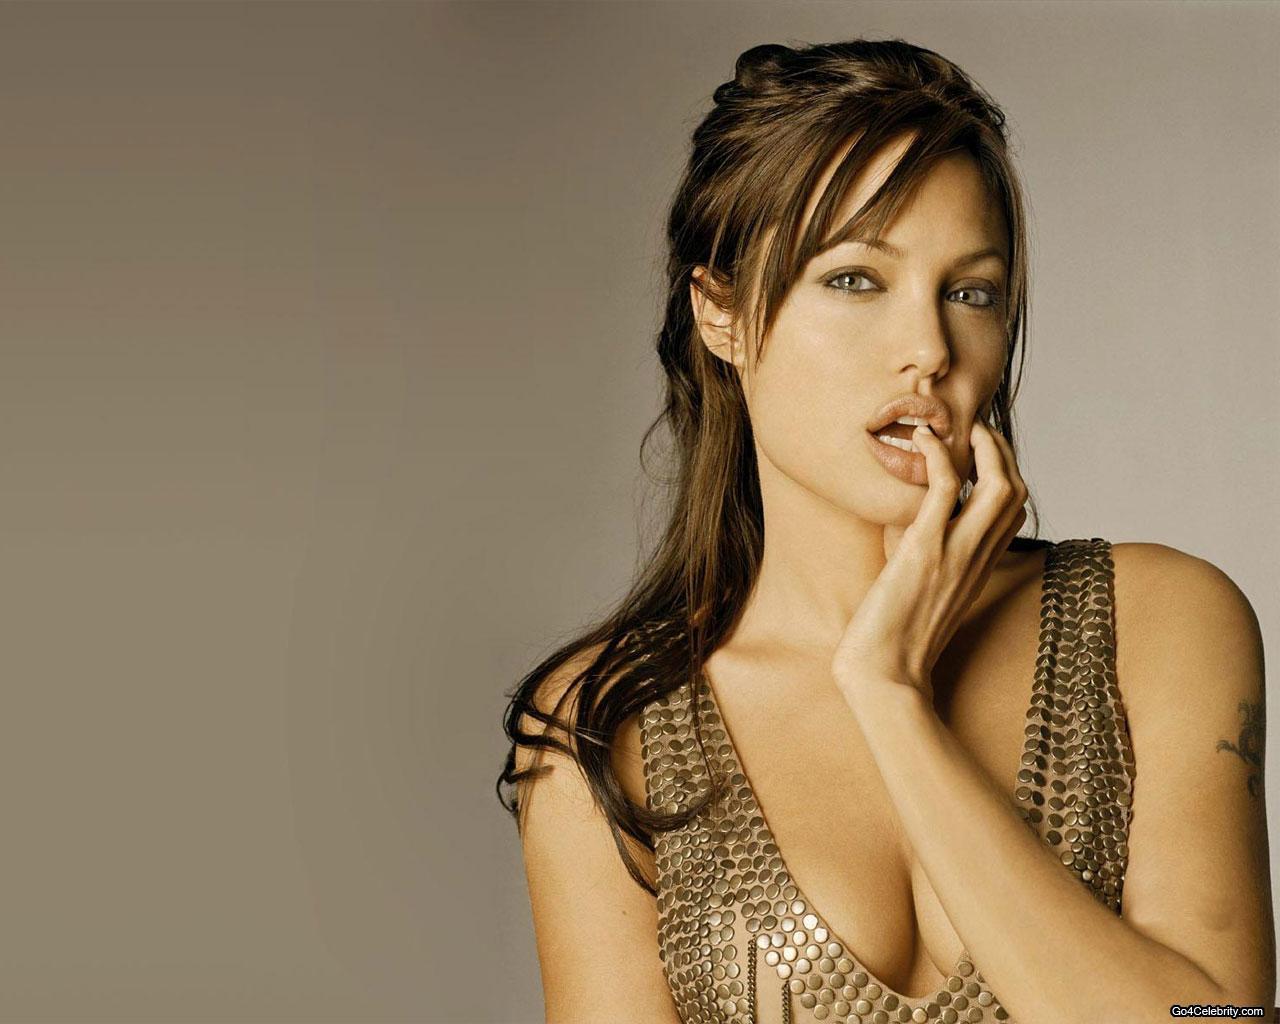 http://3.bp.blogspot.com/-xvHTy2bCRaU/TZwdpexavWI/AAAAAAAAGY0/lg3nUe7q5jg/s1600/Angelina-Jolie-037.jpg